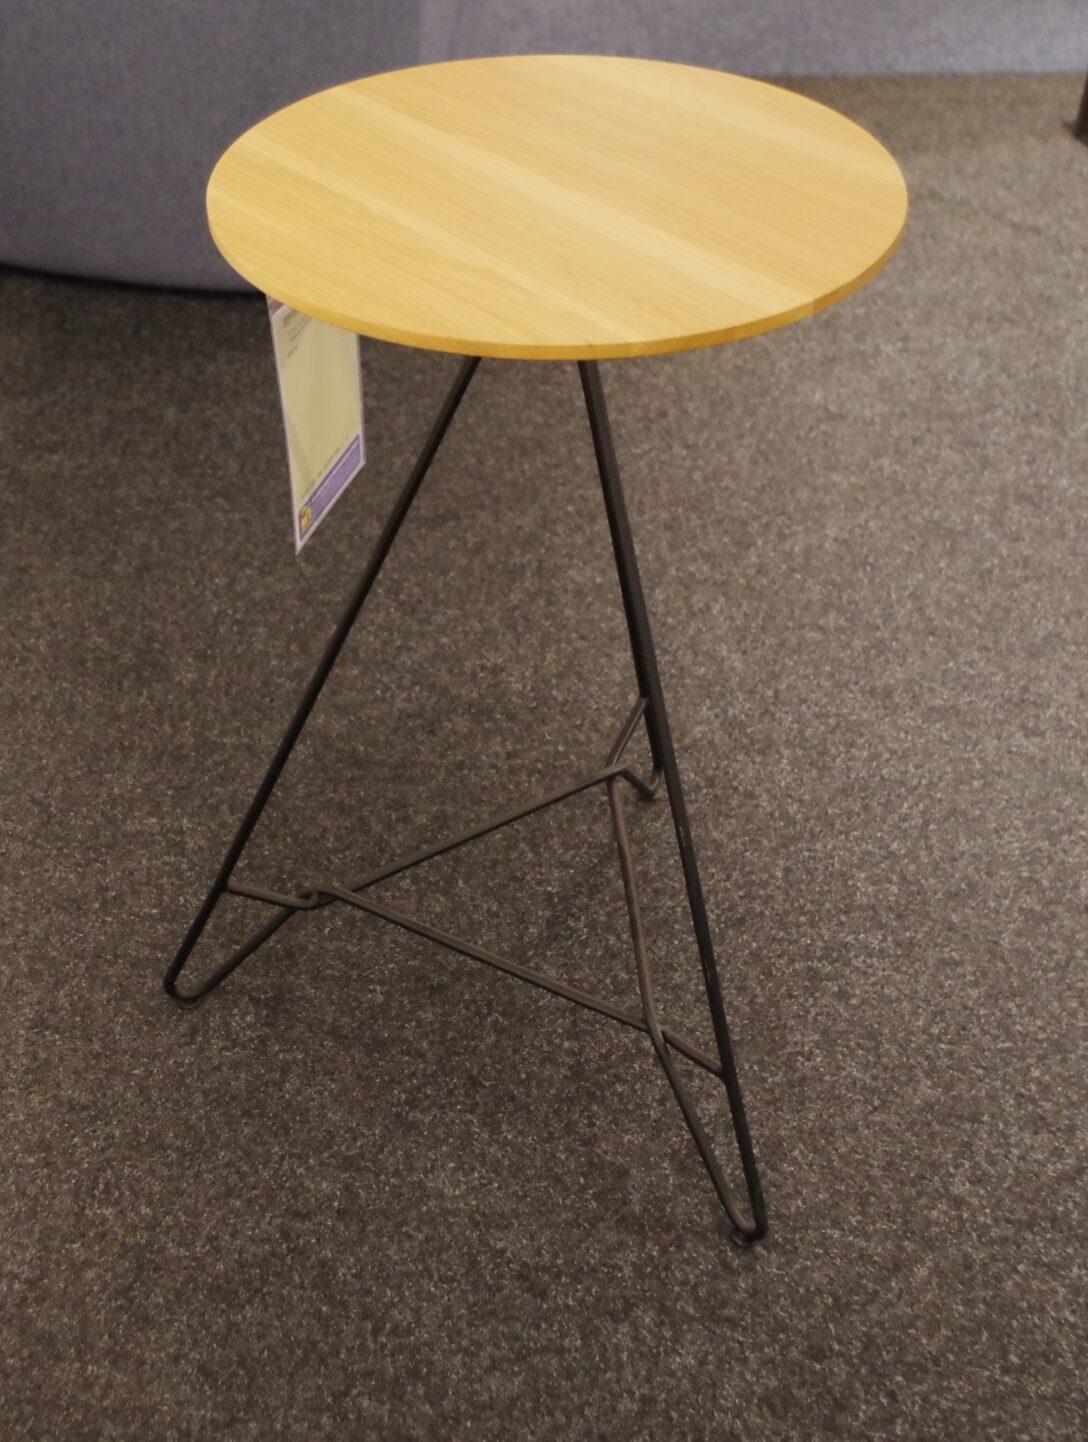 Large Size of Couchtisch 150 210 Freistil Platte Eiche Massiv Mbel Inhofer Sofa Küche Ausstellungsstück Bett Wohnzimmer Freistil Ausstellungsstück